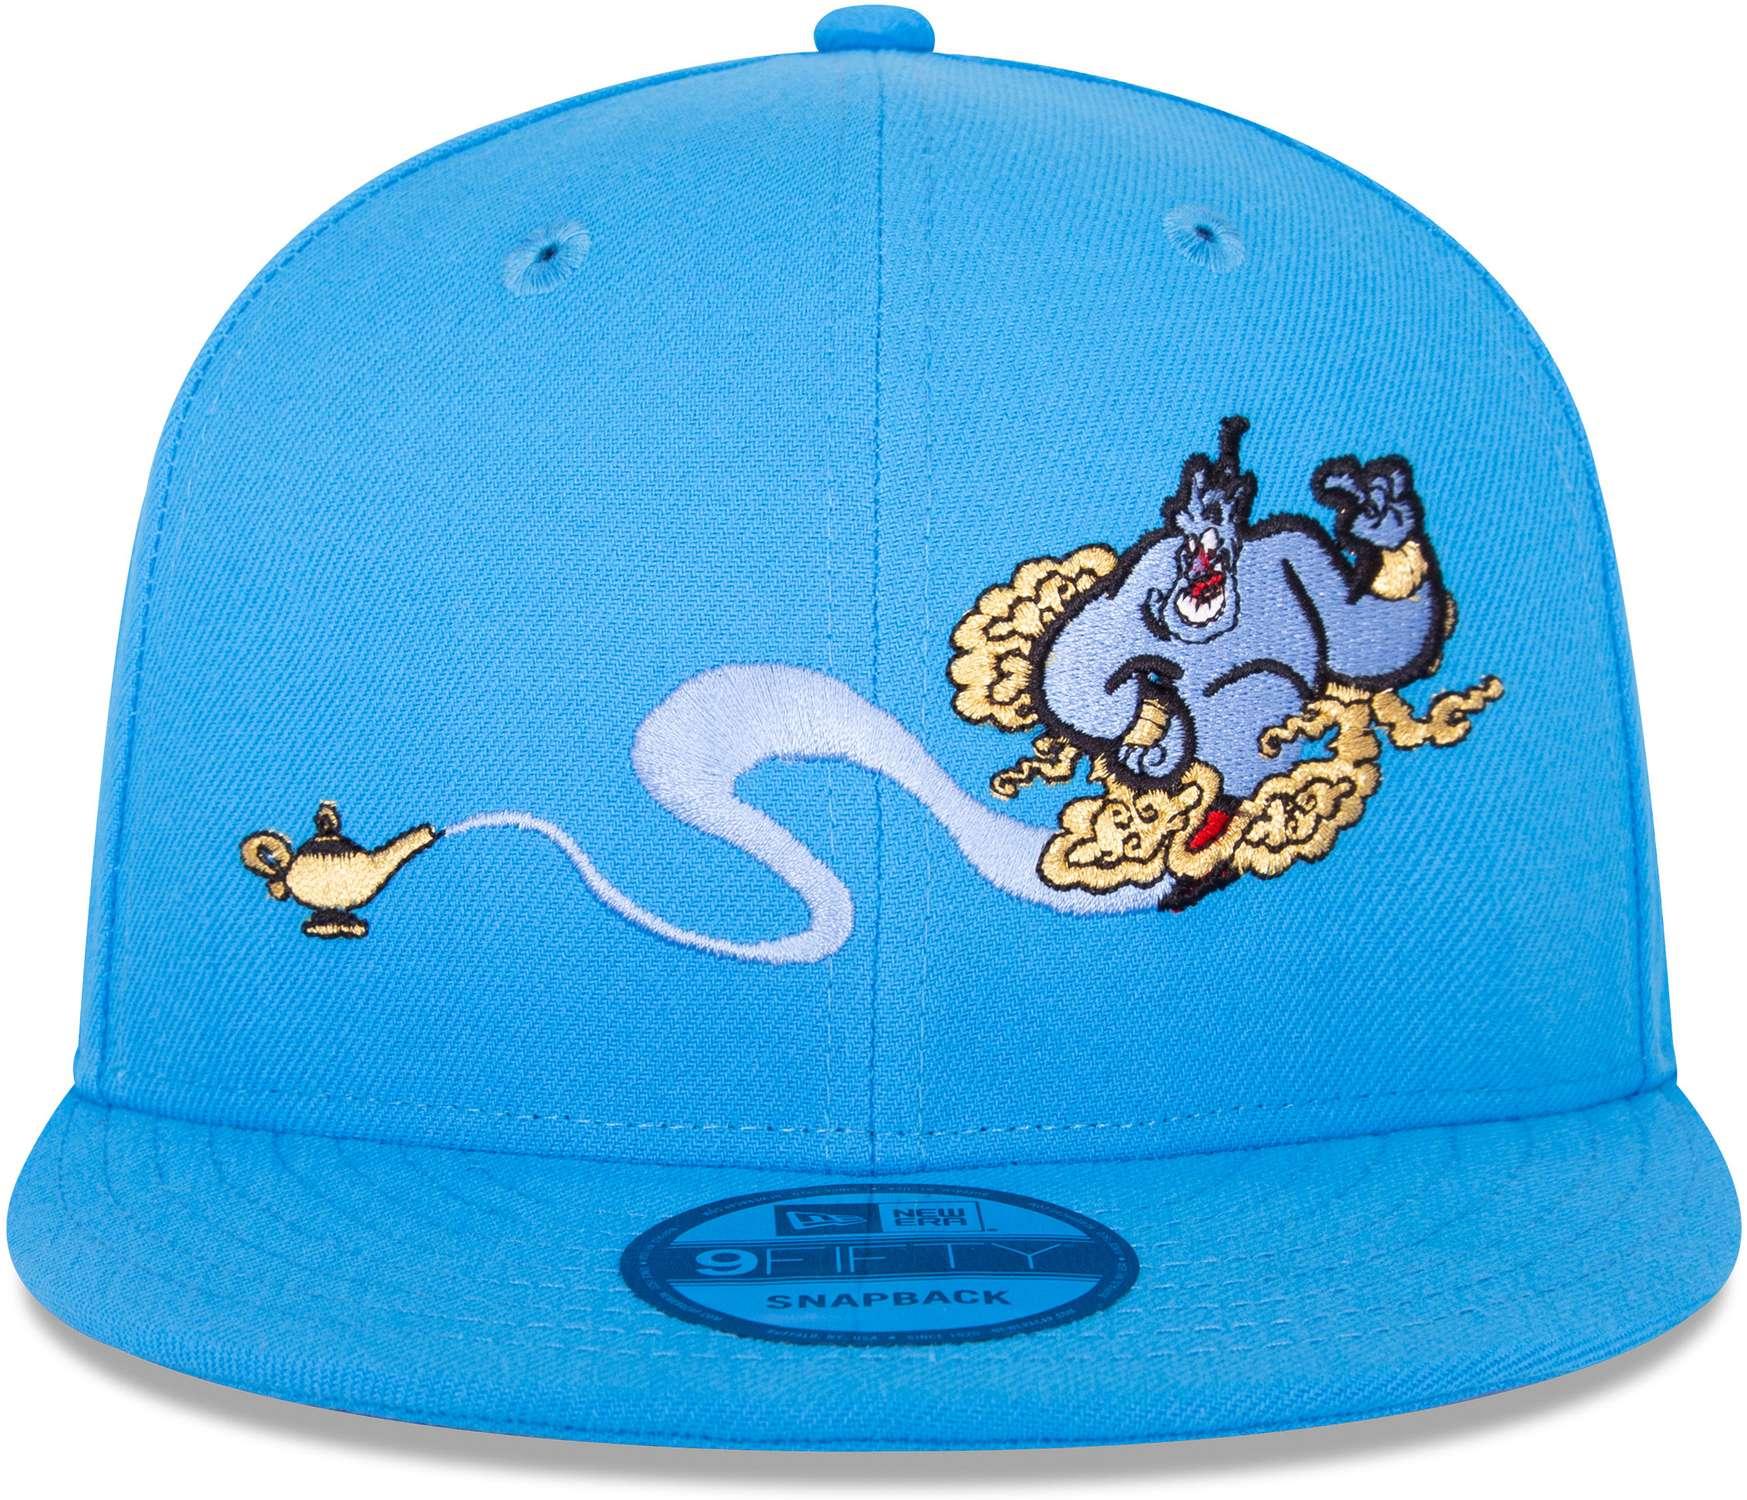 a00c4ec2b76fff ... Vorschau: New Era - Disney Aladdin Genie 9Fifty Snapback Cap - Blau  Ansicht vorderseite ...